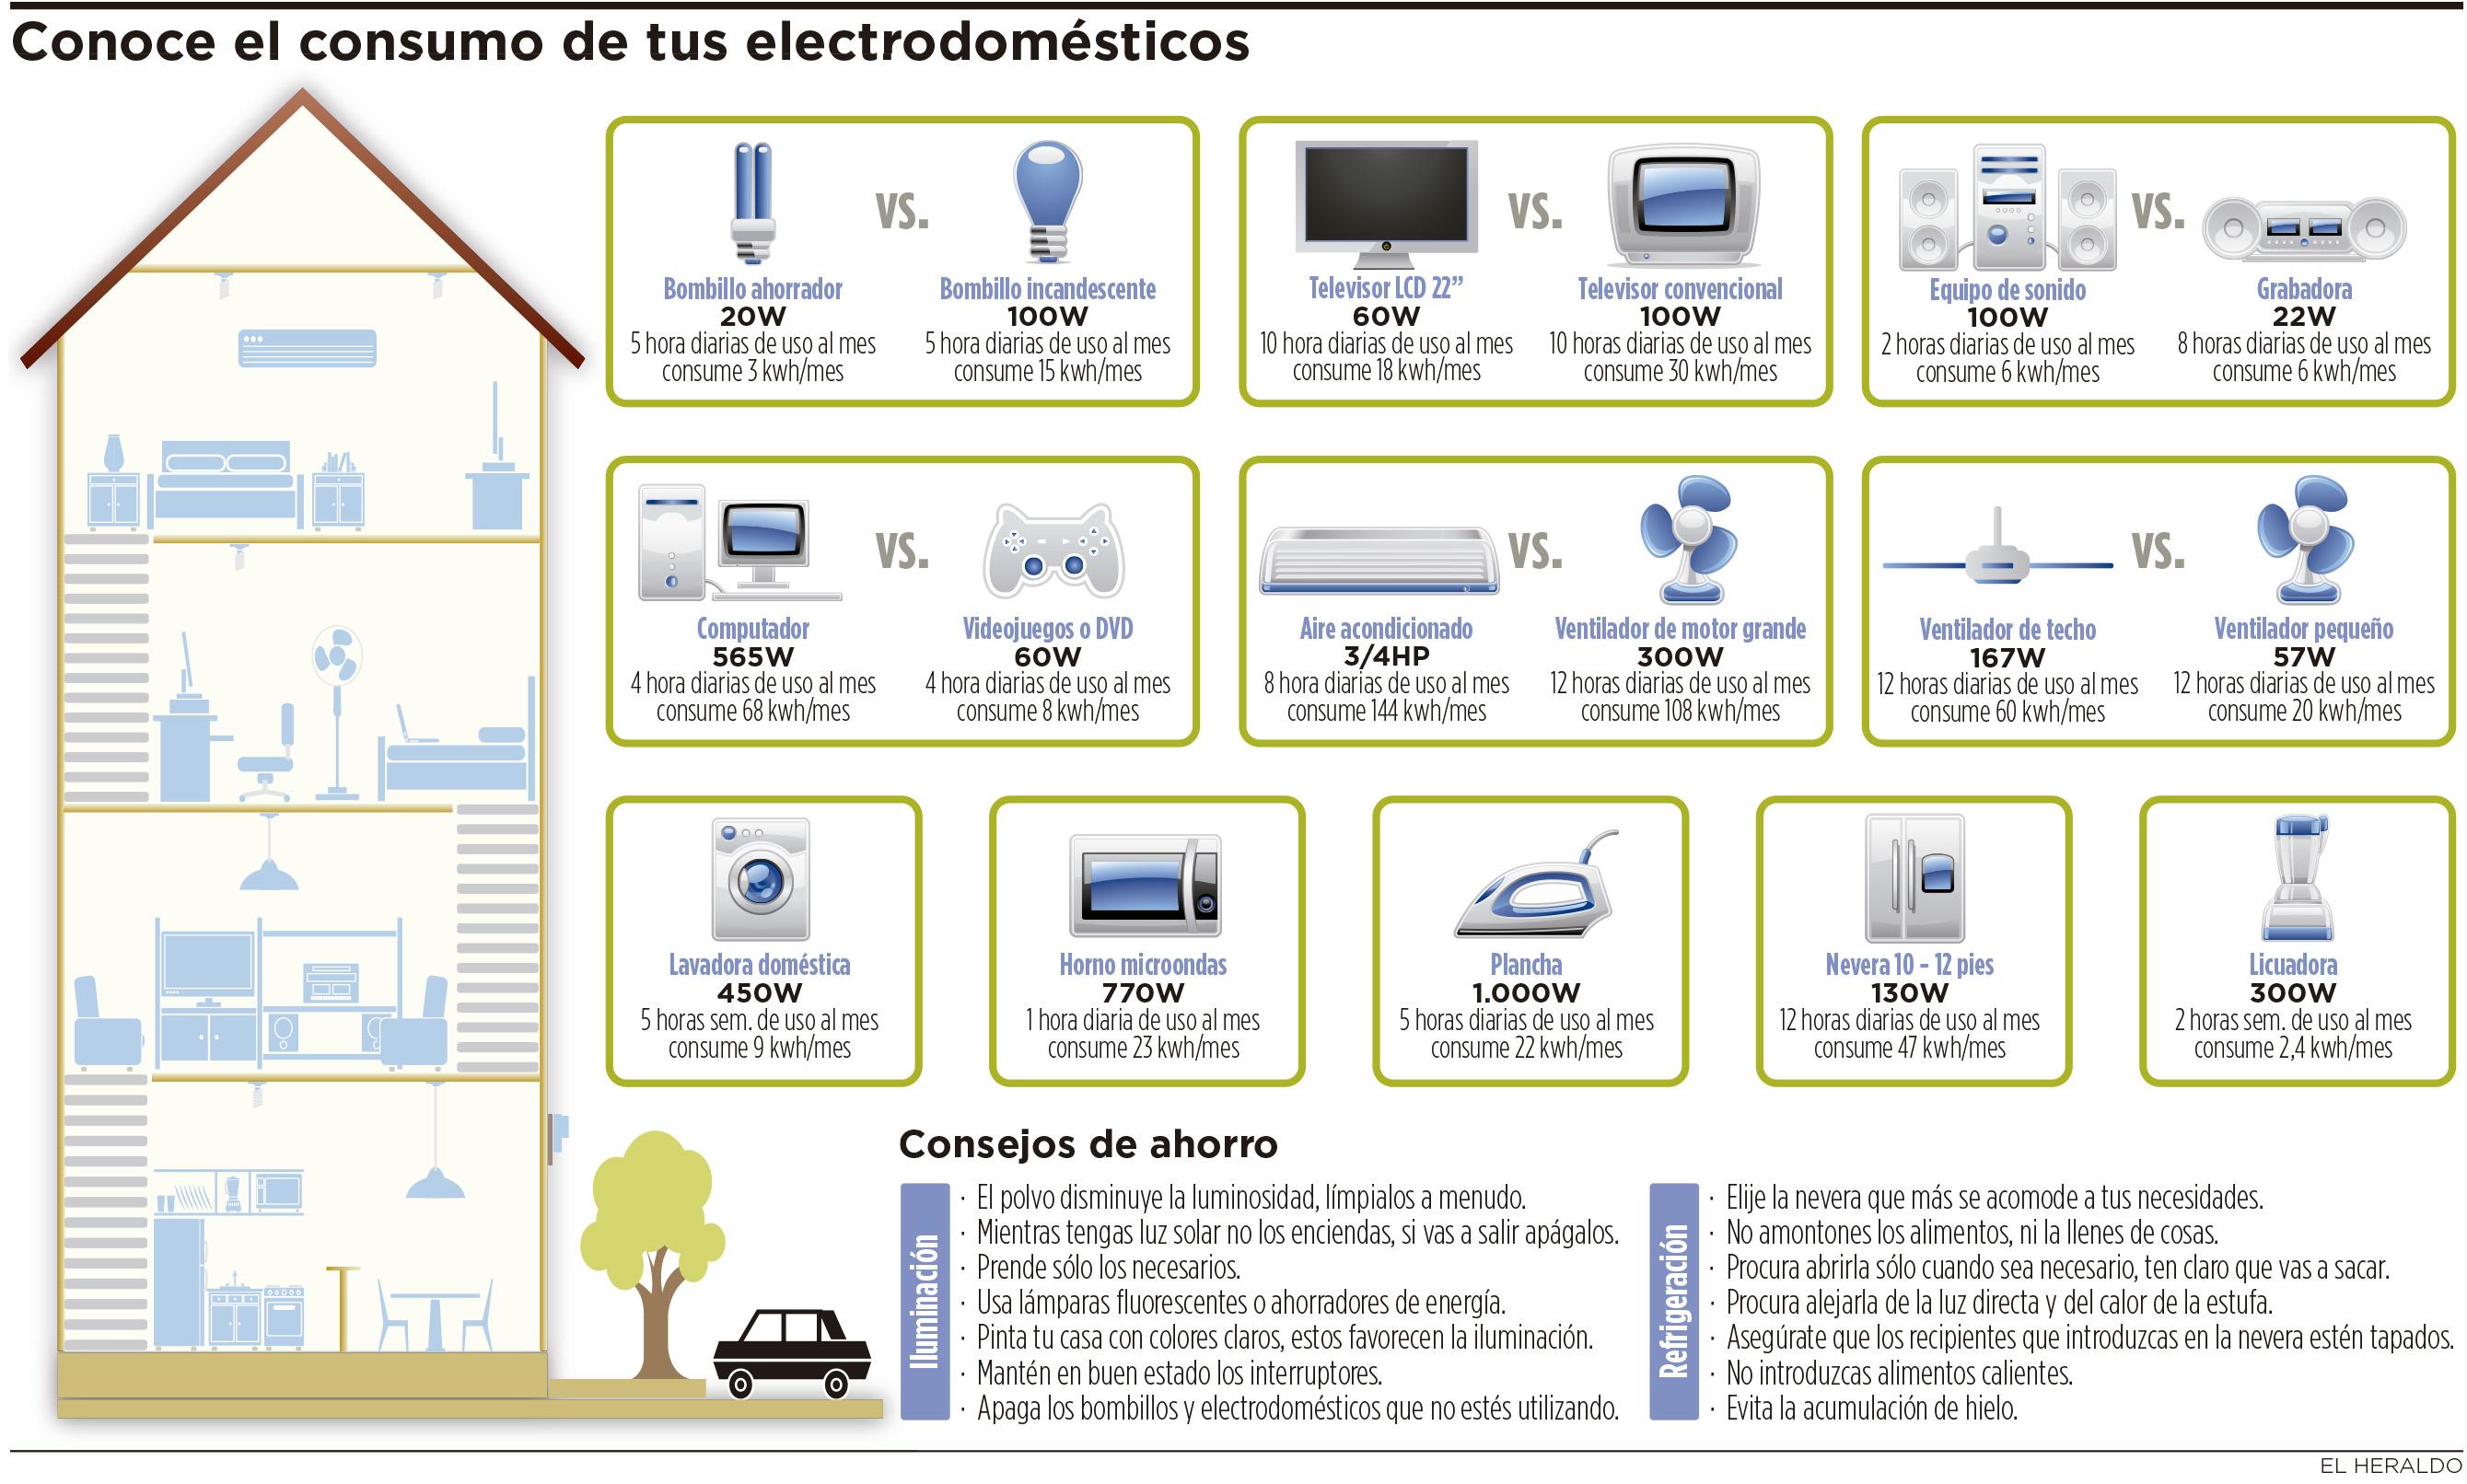 Cu nto consumen los electrodom sticos de su casa al mes - Lo ultimo en electrodomesticos ...